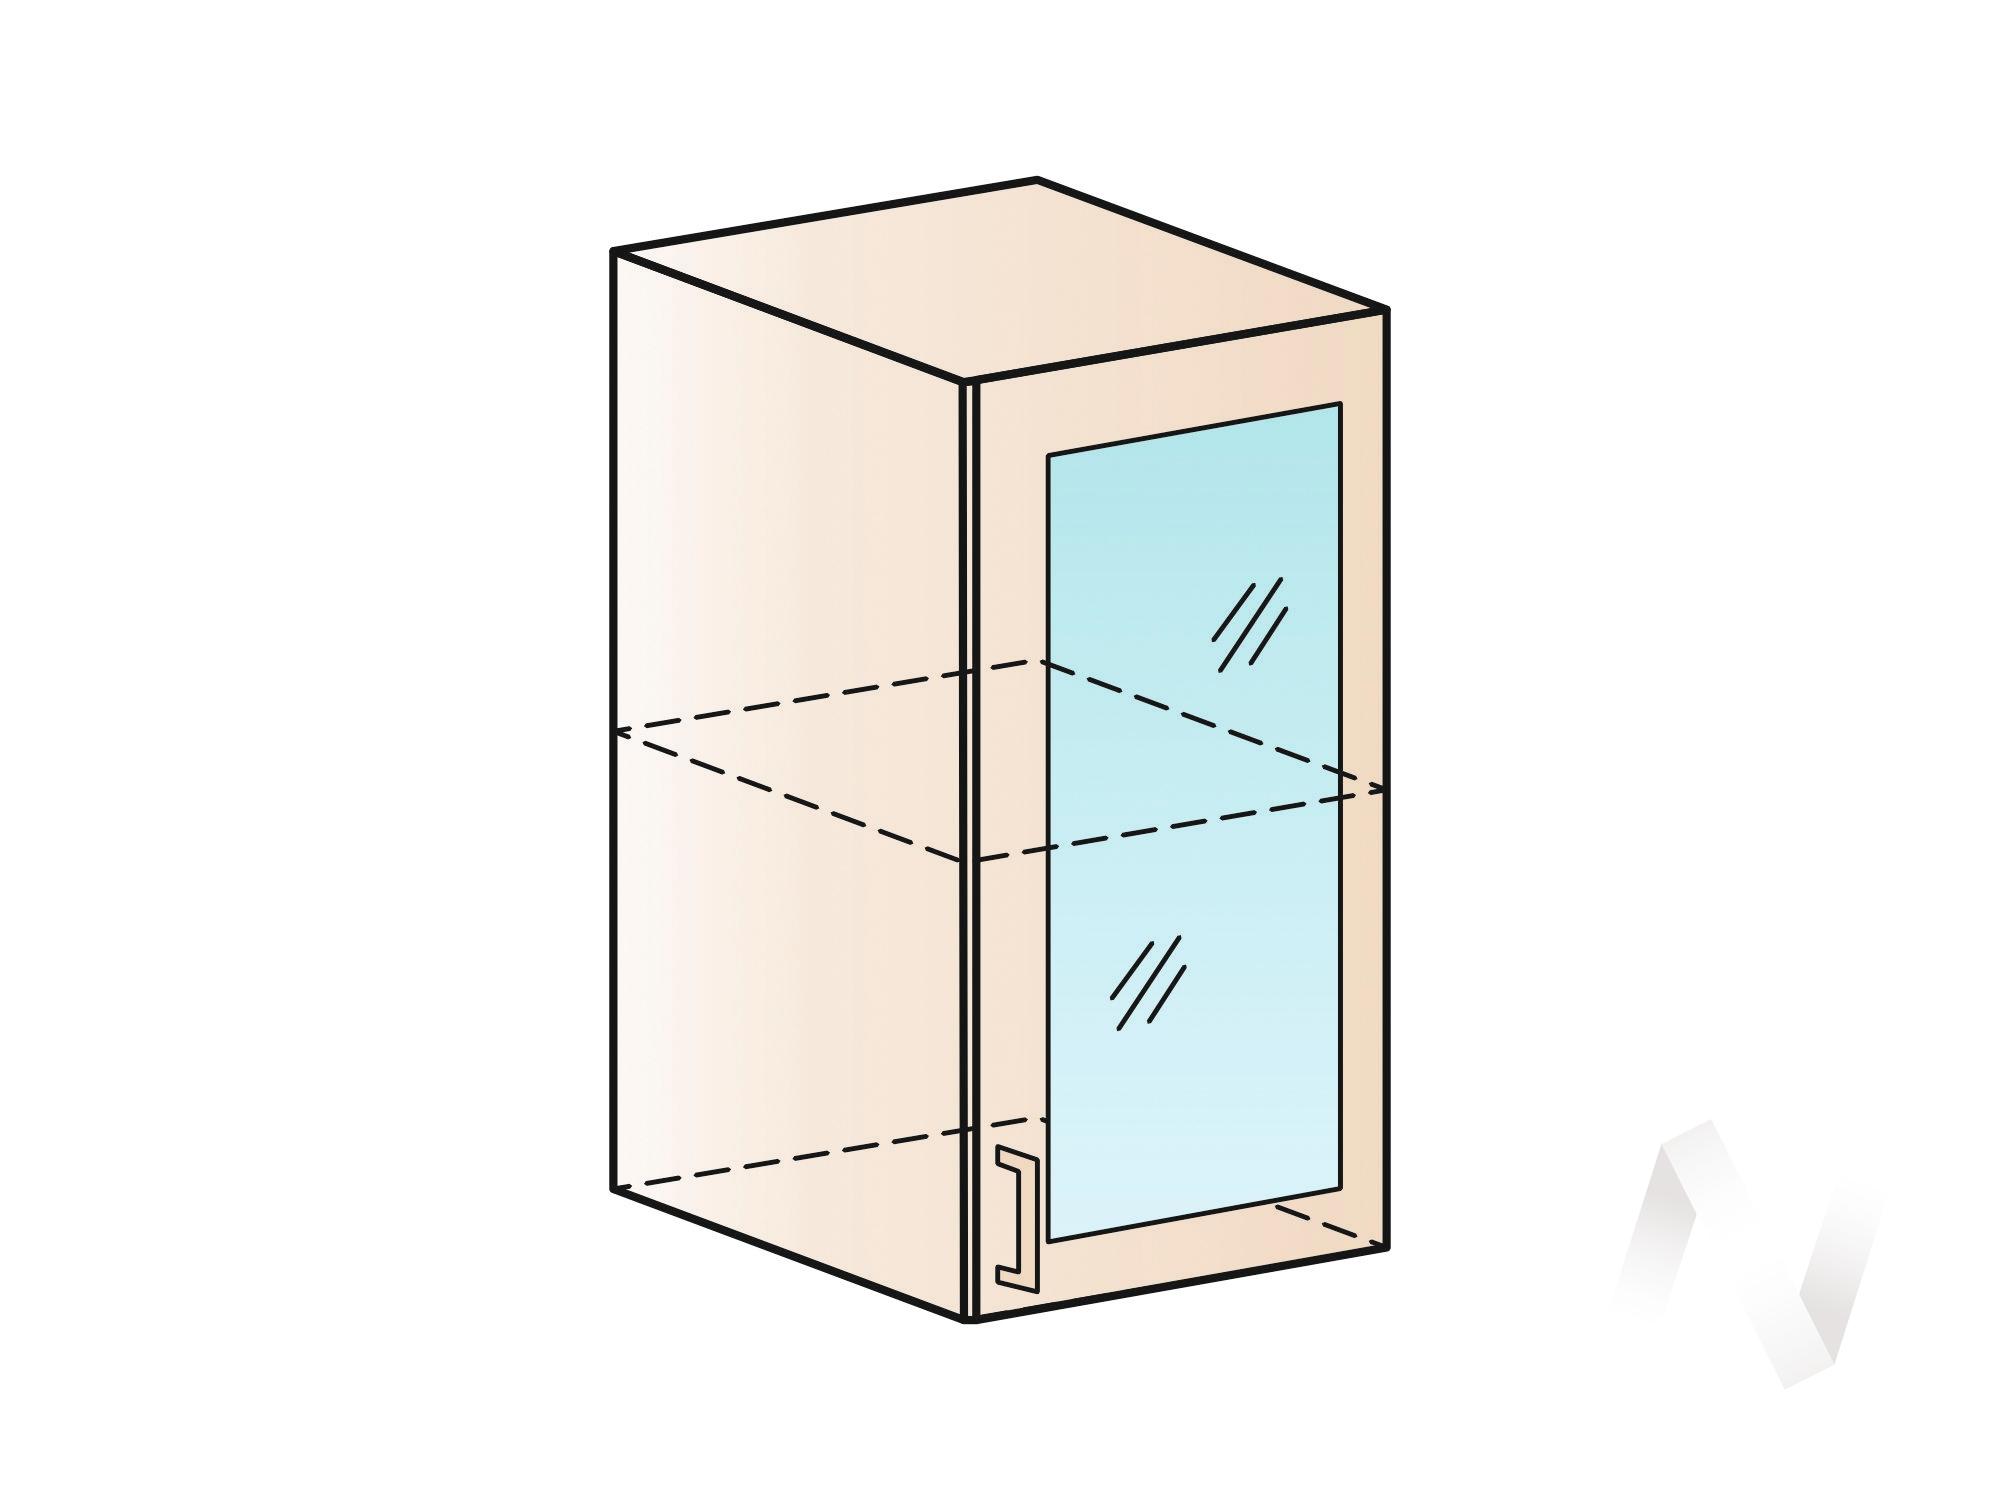 """Кухня """"Люкс"""": Шкаф верхний со стеклом 400, ШВС 400 (Шелк венге/корпус белый) в Новосибирске в интернет-магазине мебели kuhnya54.ru"""